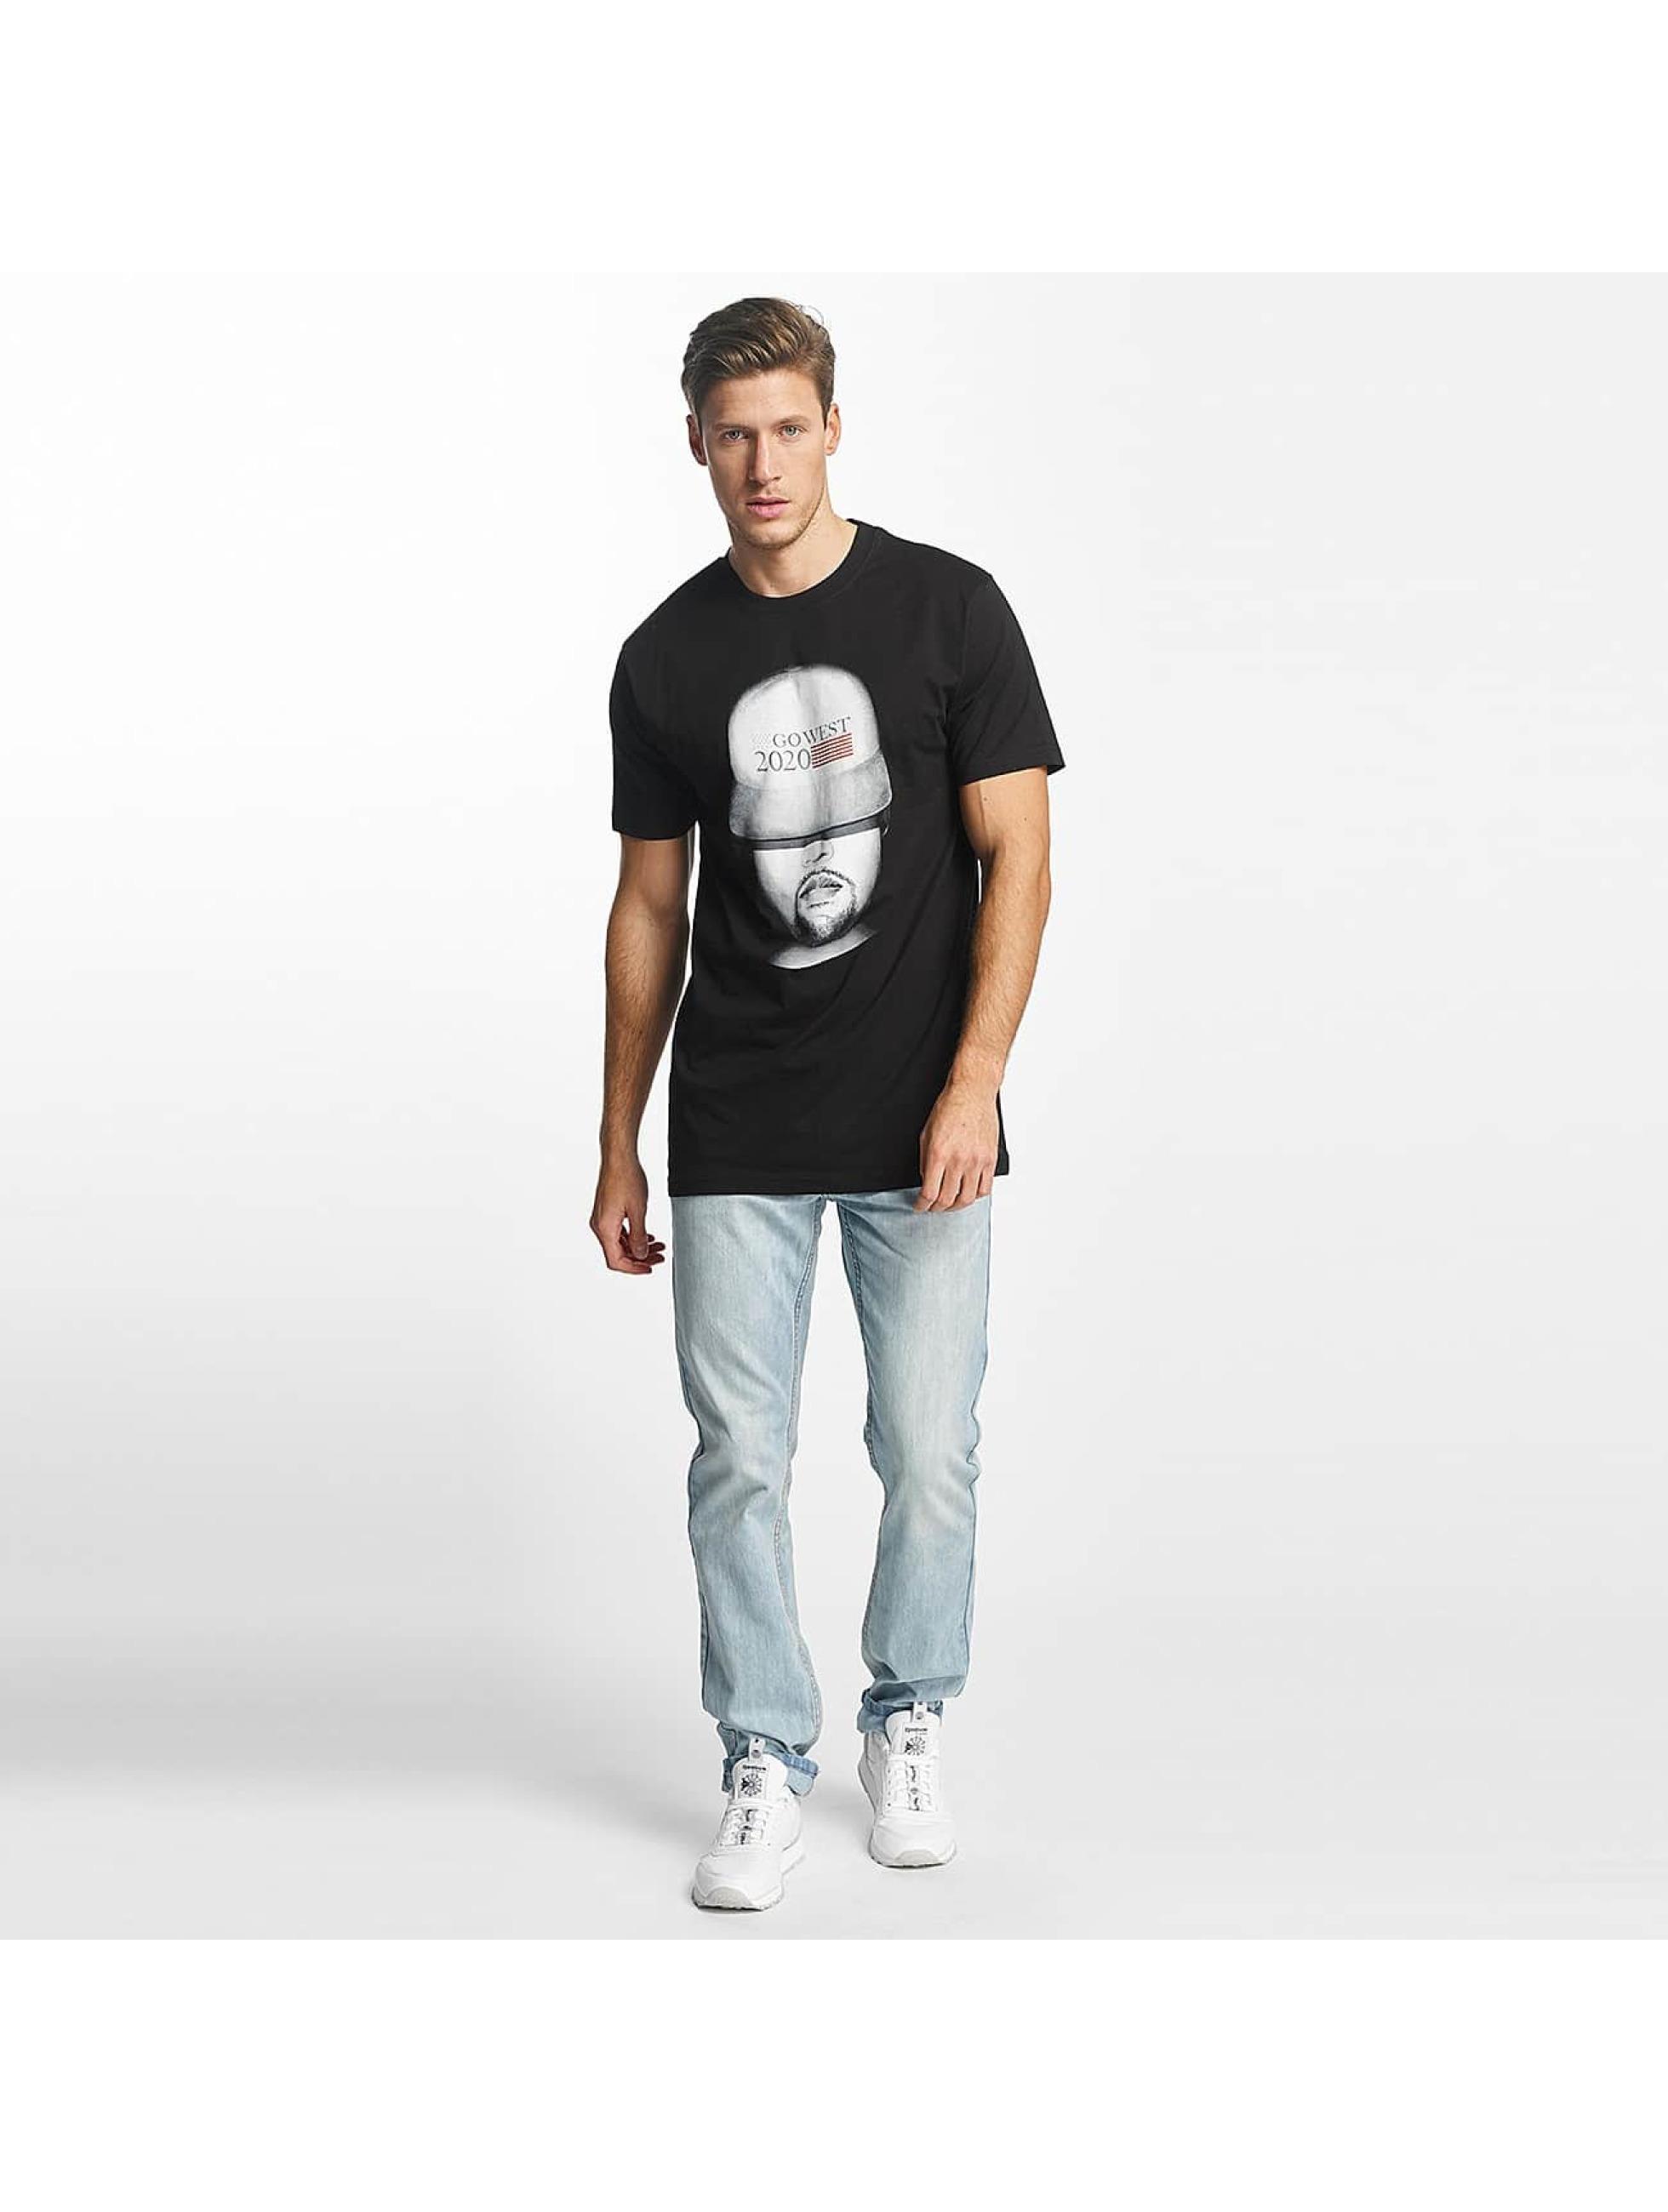 Mister Tee T-skjorter West 2020 svart